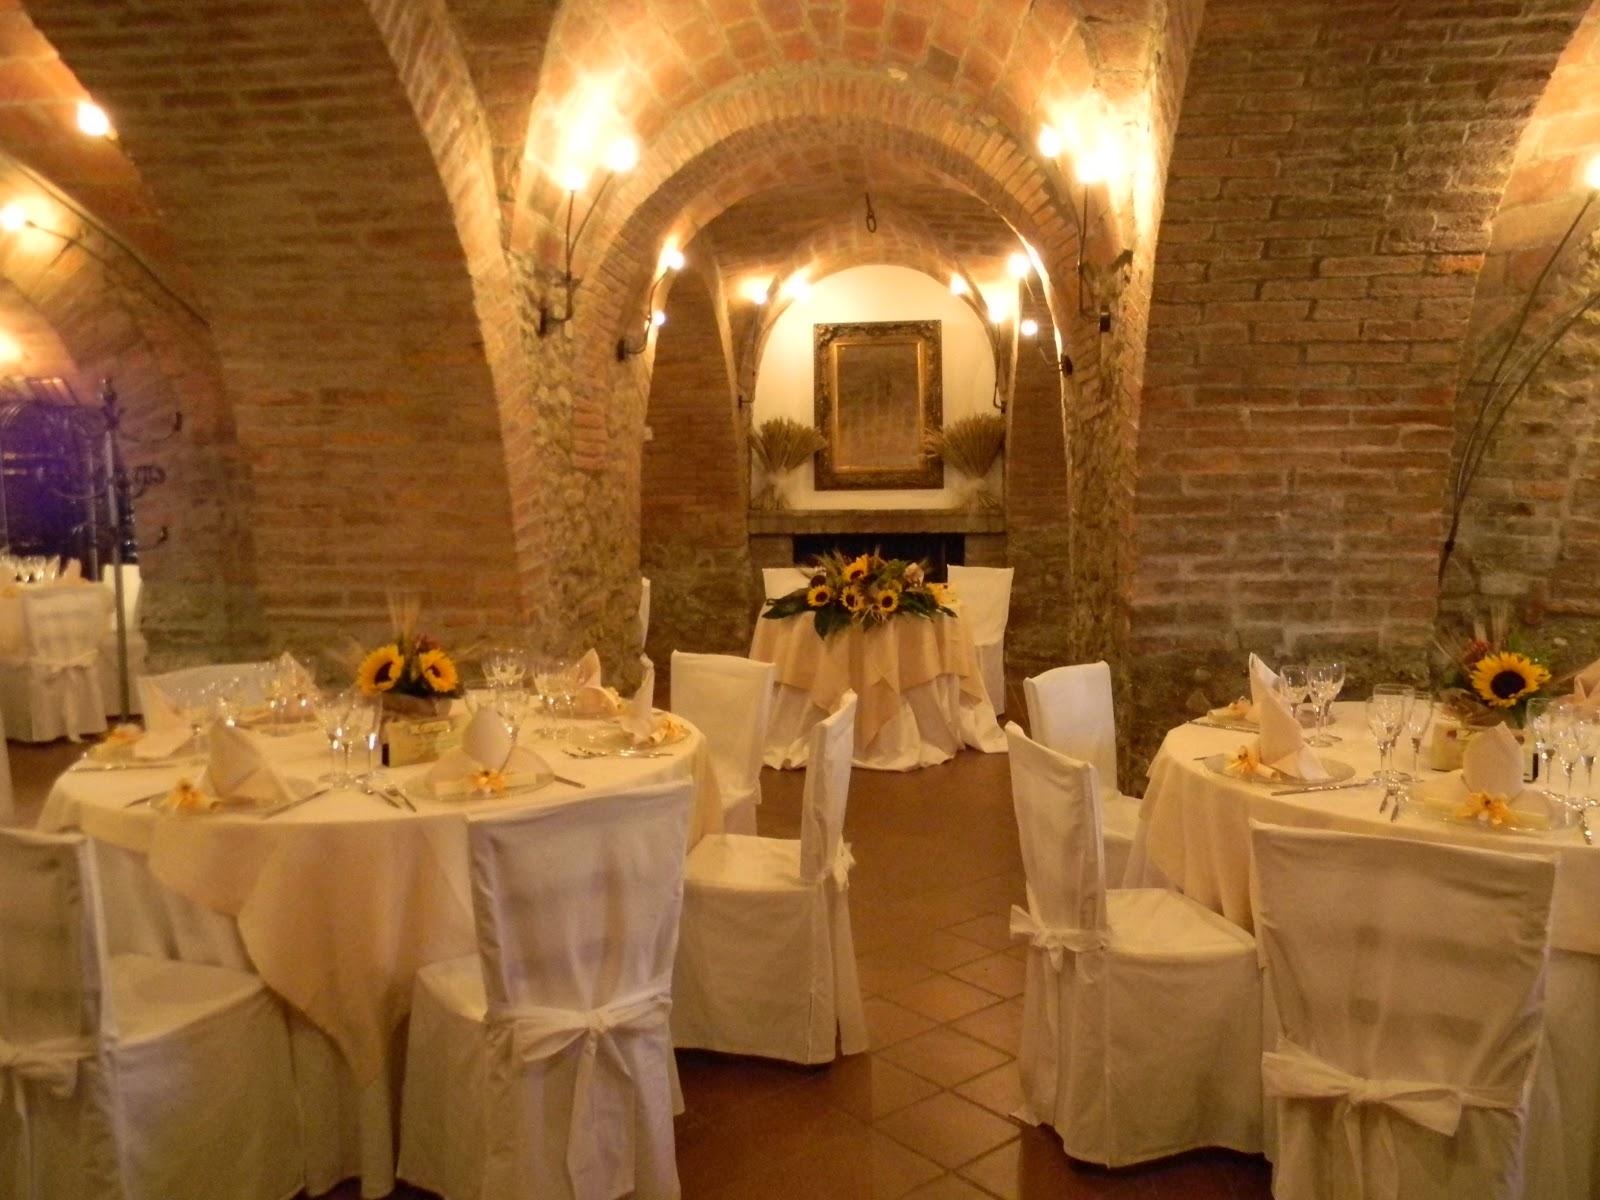 Matrimonio D Inverno Location Toscana : Matrimonio invernale sposarsi in inverno il calore di